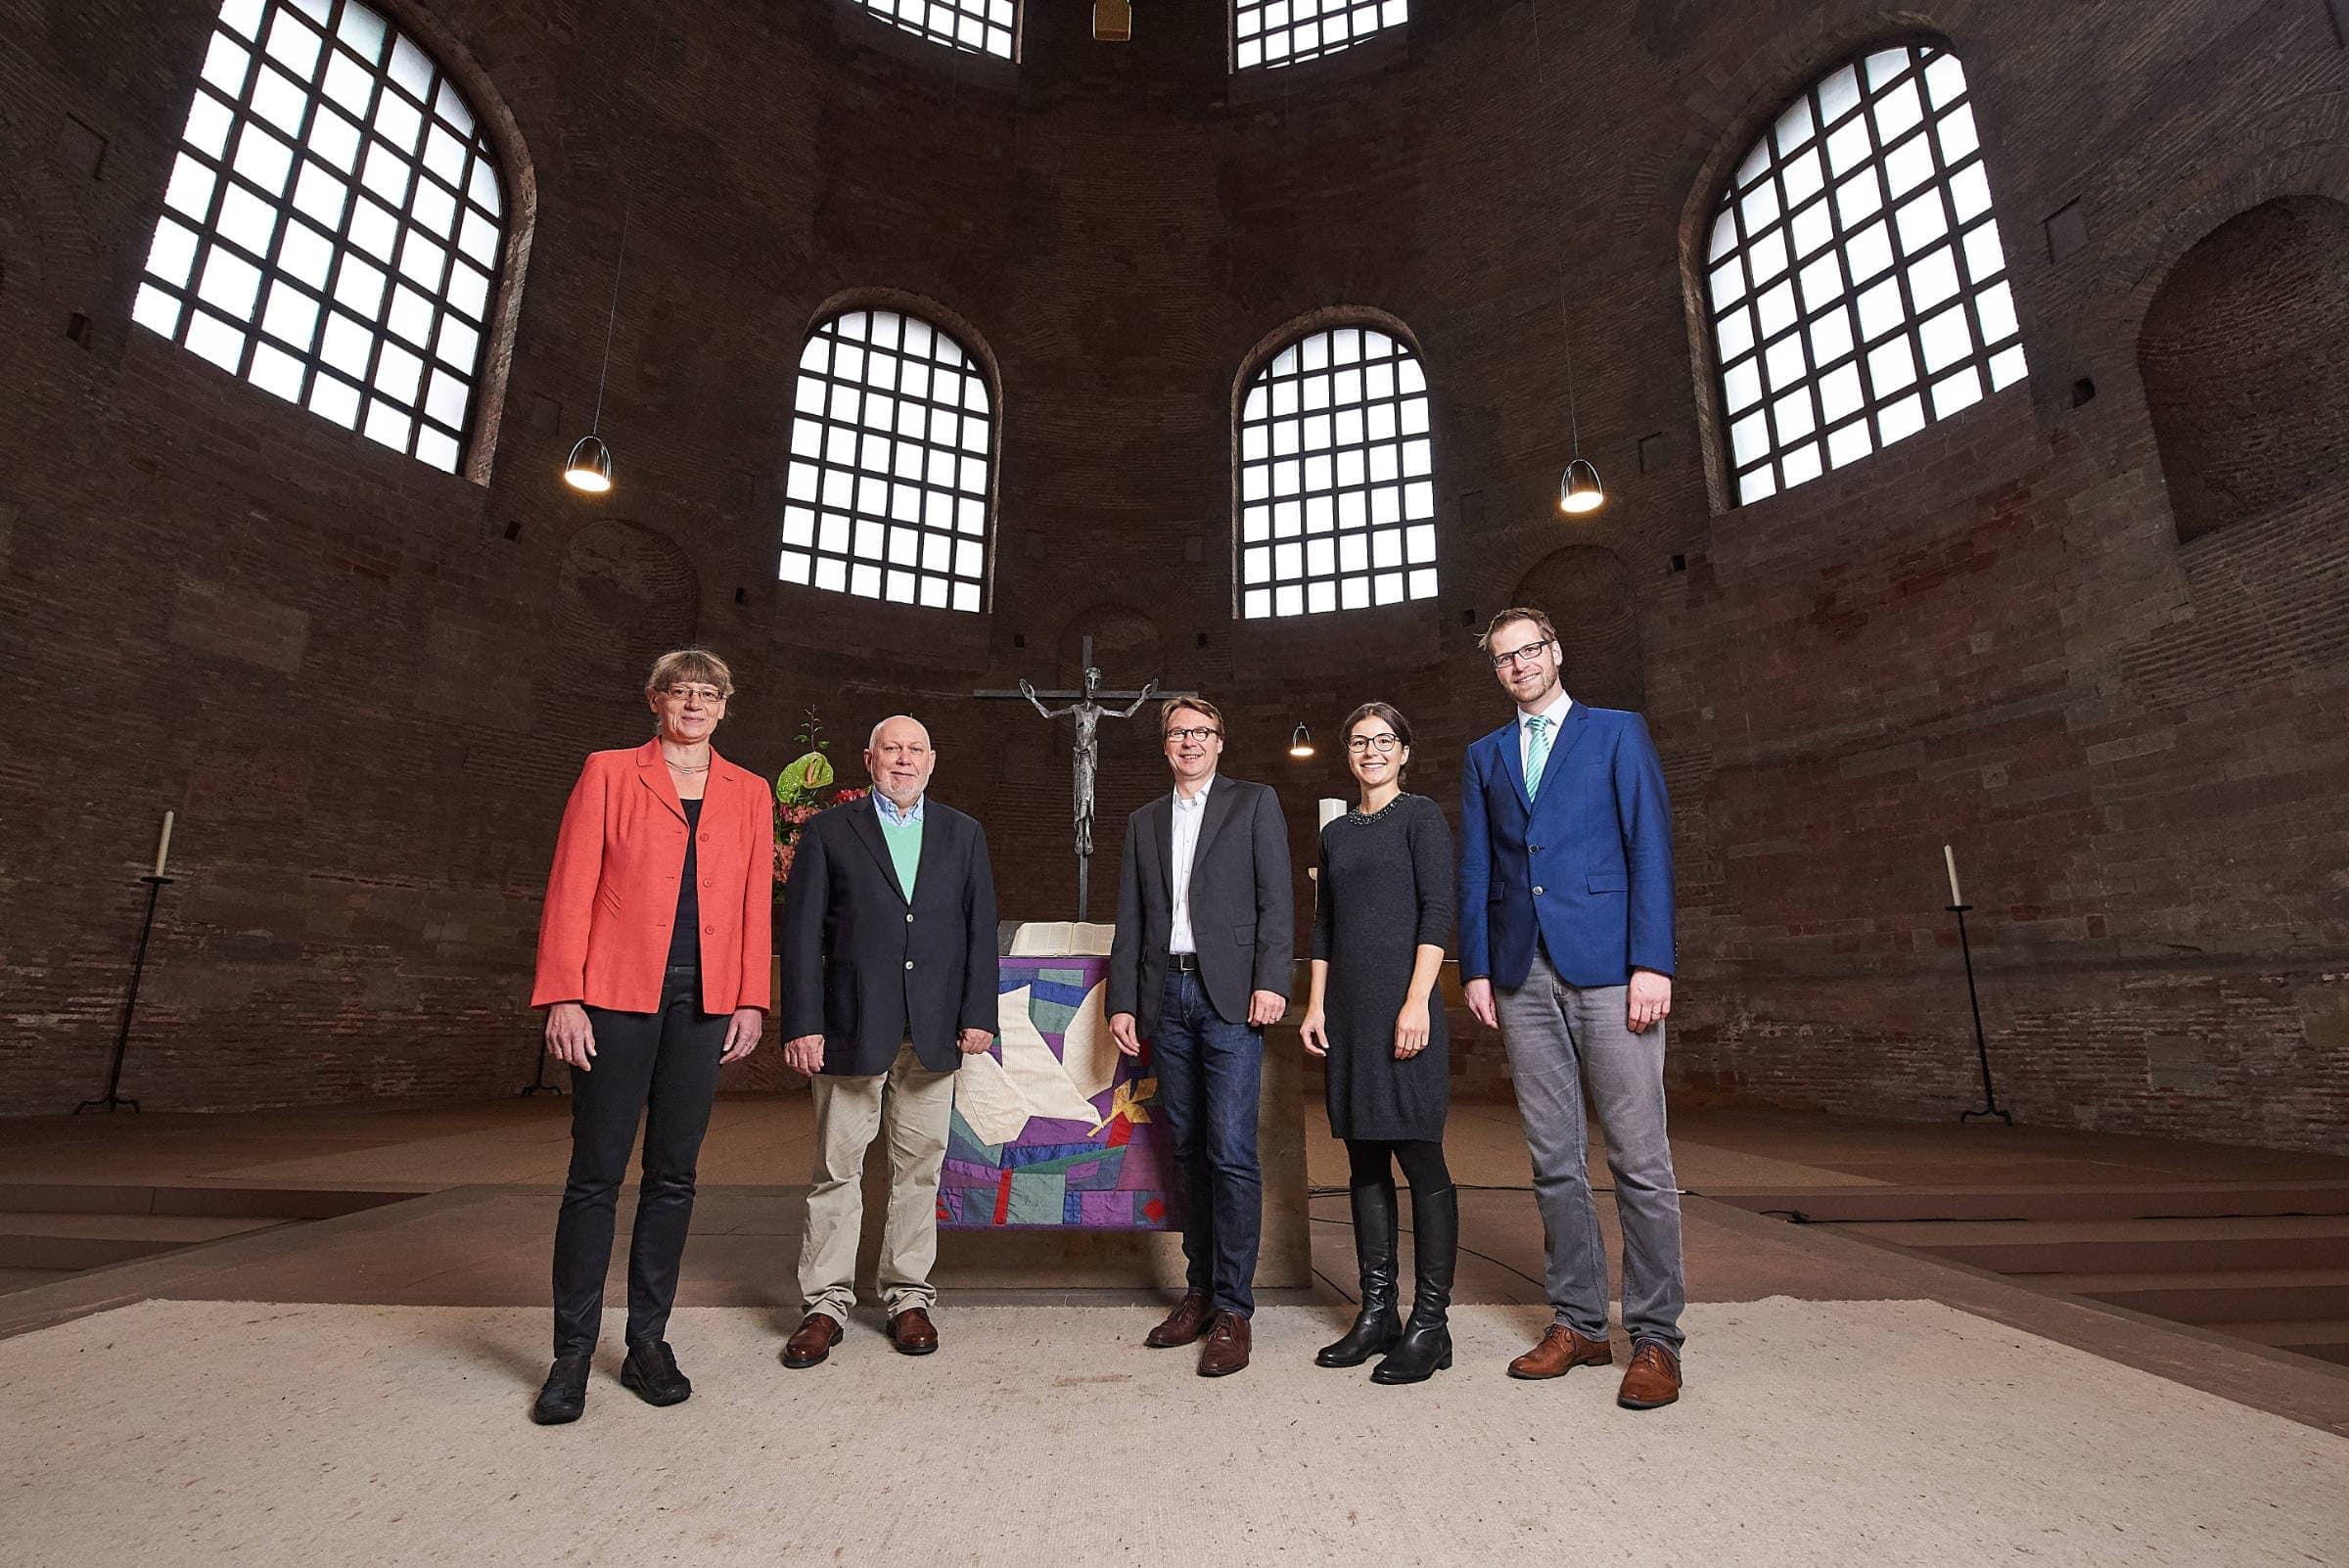 PR Fotografie für die evangelische Kirchengemeinde Trier, Gruppenfoto